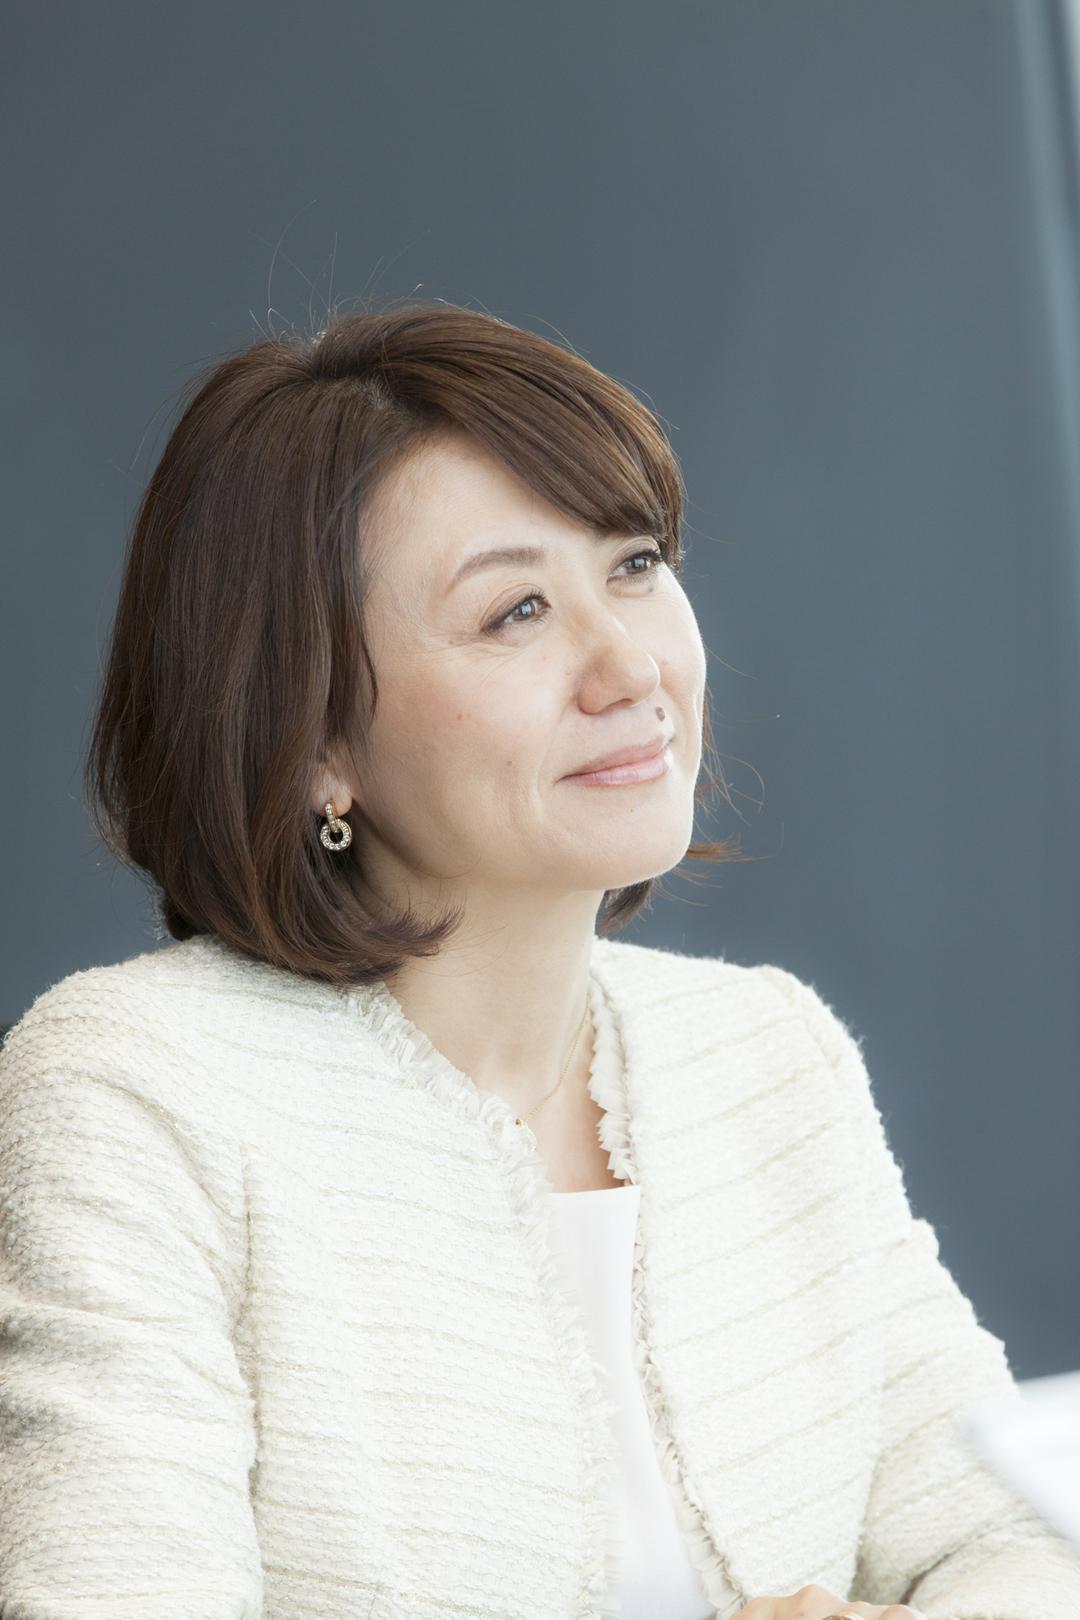 正社員の副業OKと残業禁止が<br />日本を救う